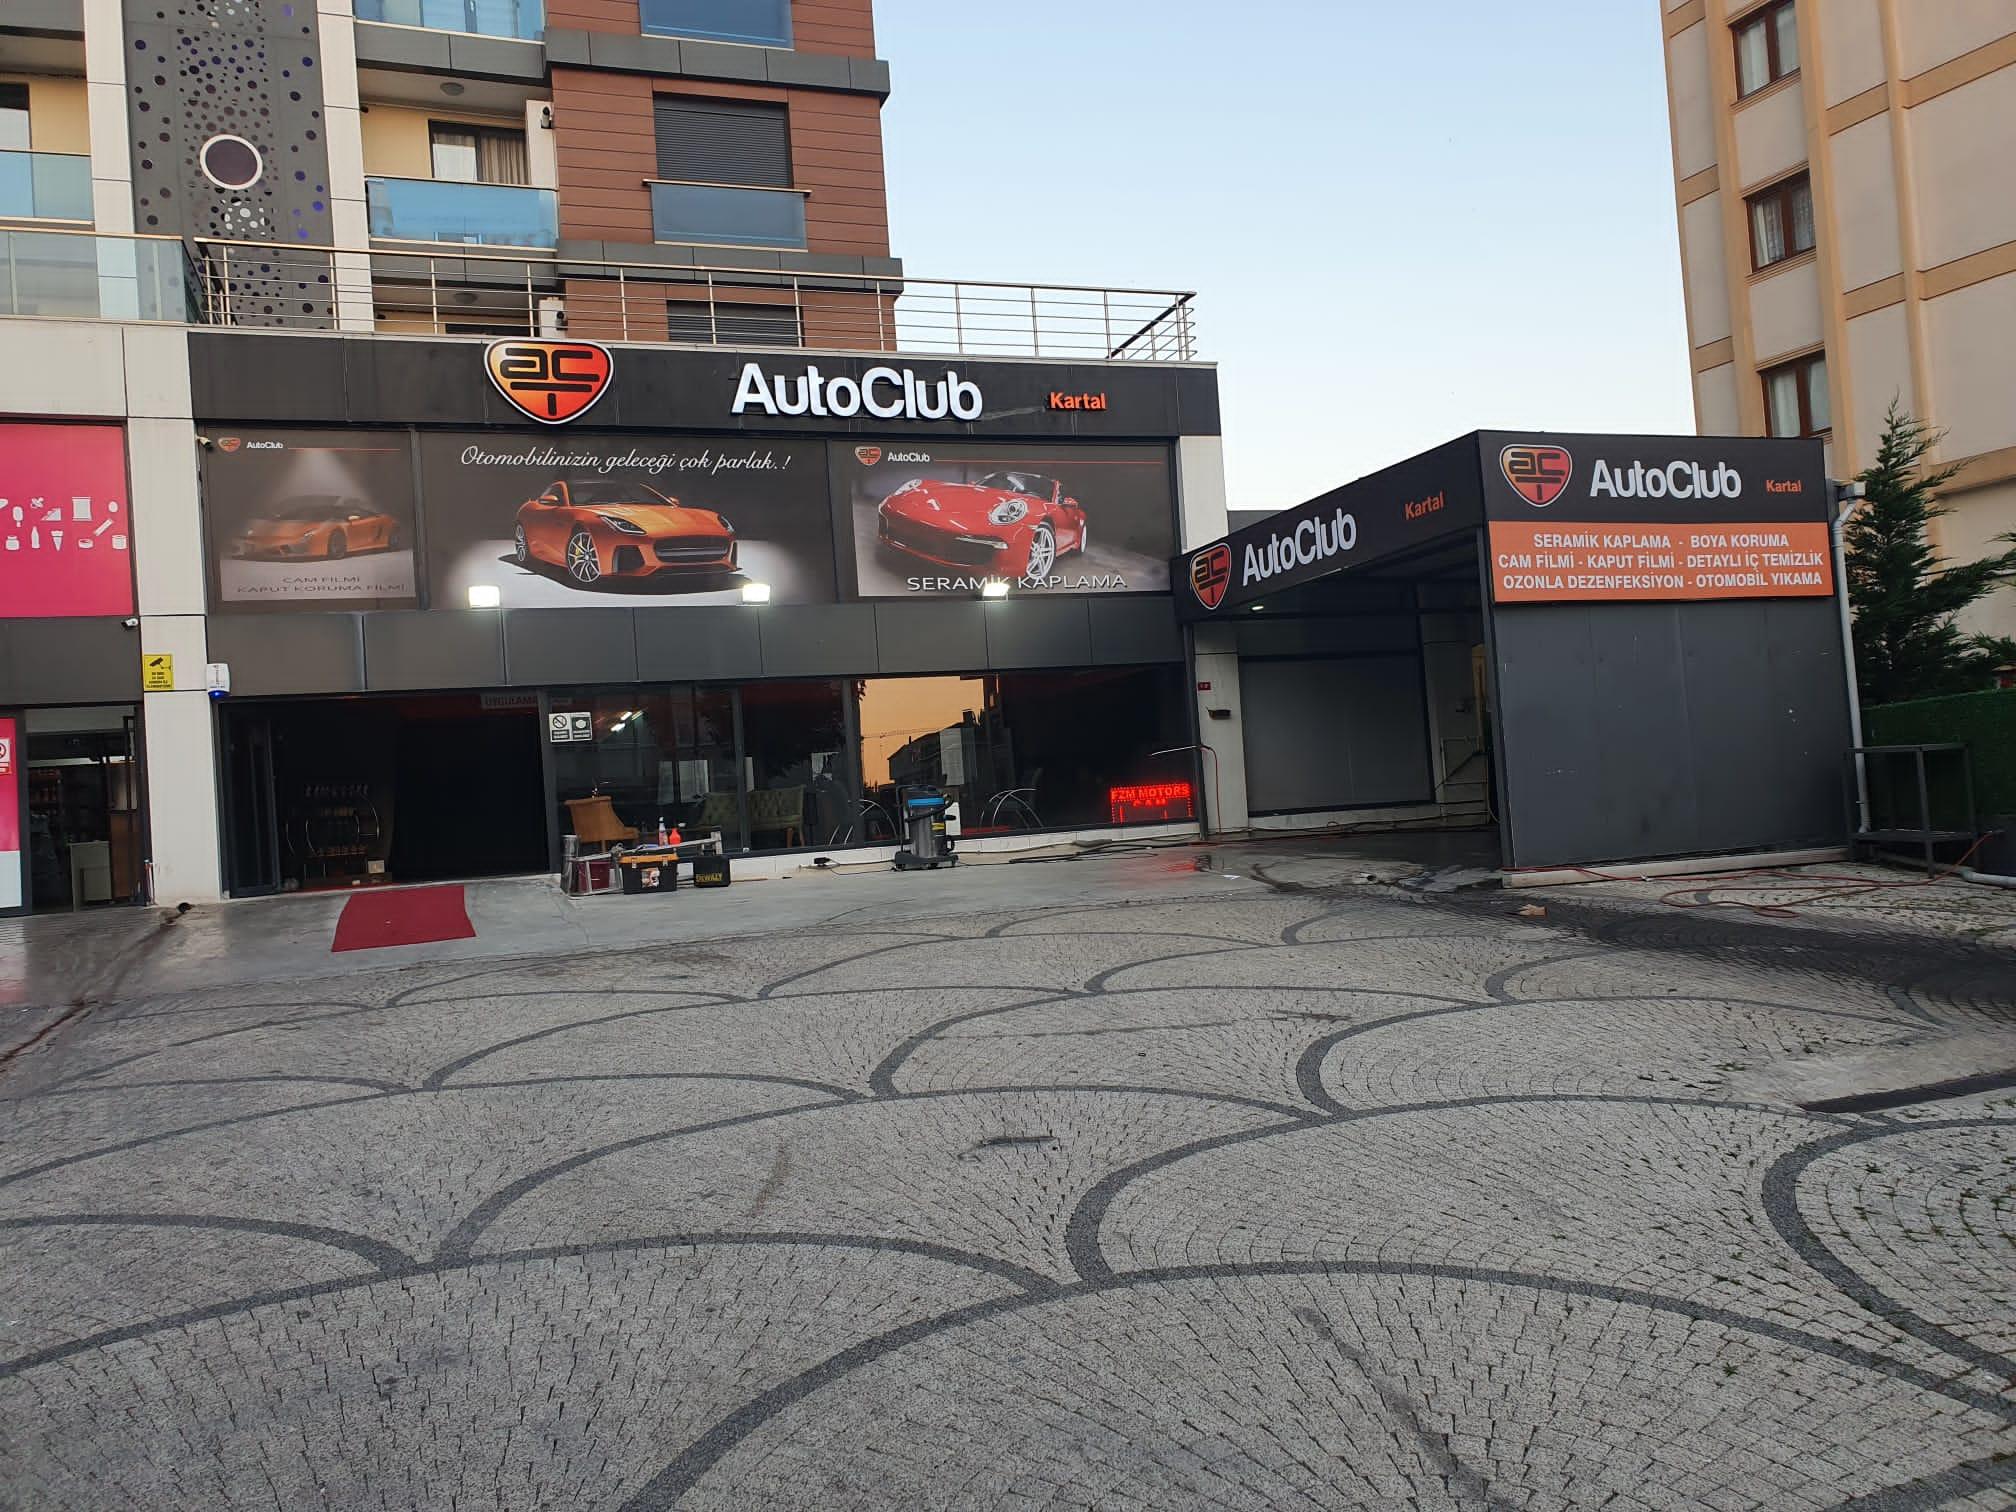 AutoClub Kartal - İstanbul Kartal